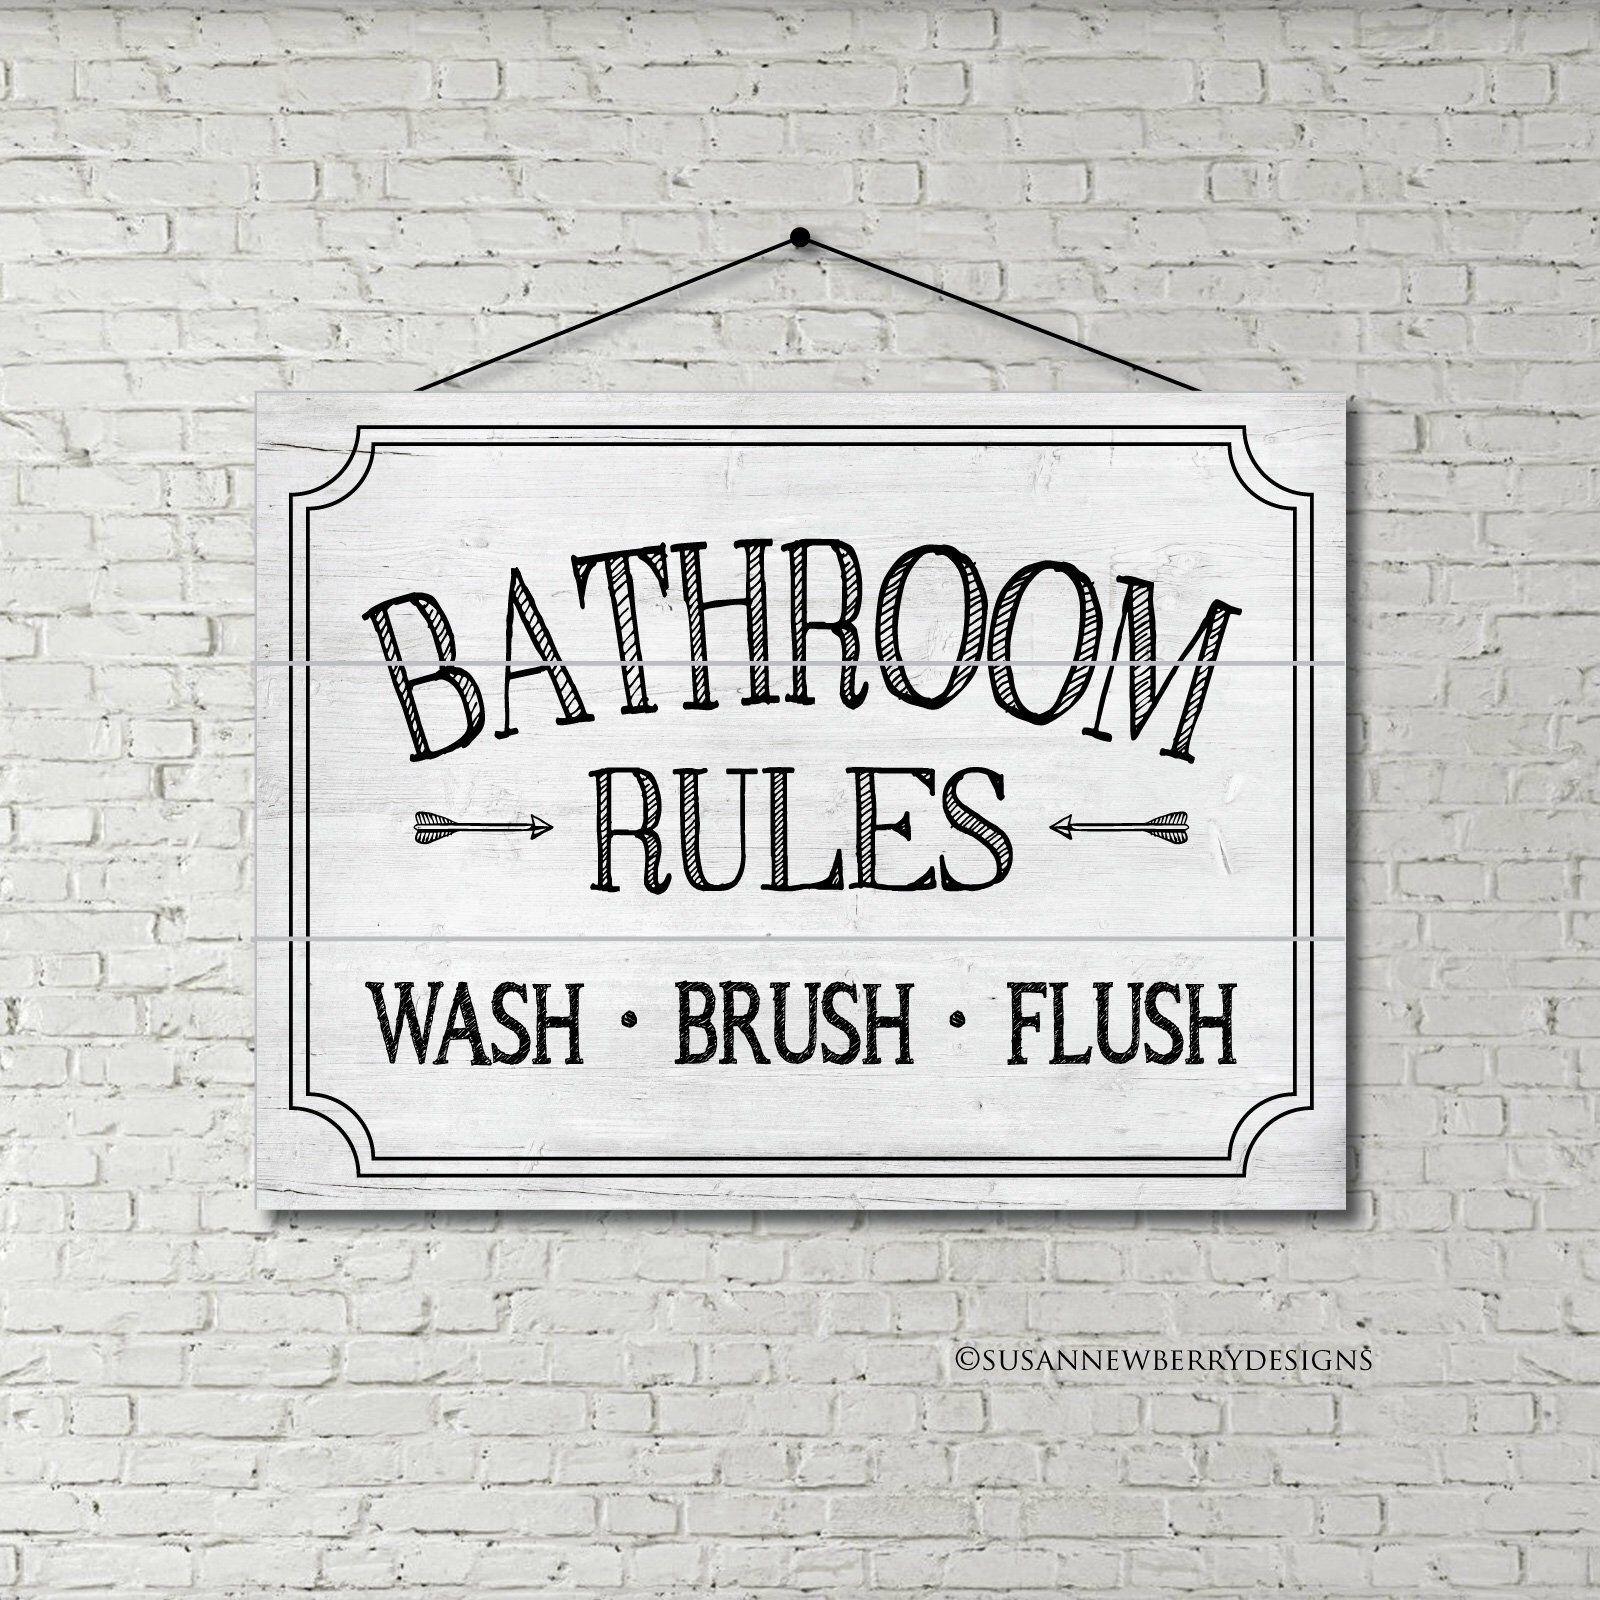 Bathroom Rules Wash Brush Flush Wood Sign Pallet Print Etsy Bathroom Rules Bathroom Wall Decor Art Bathroom Wall Decor